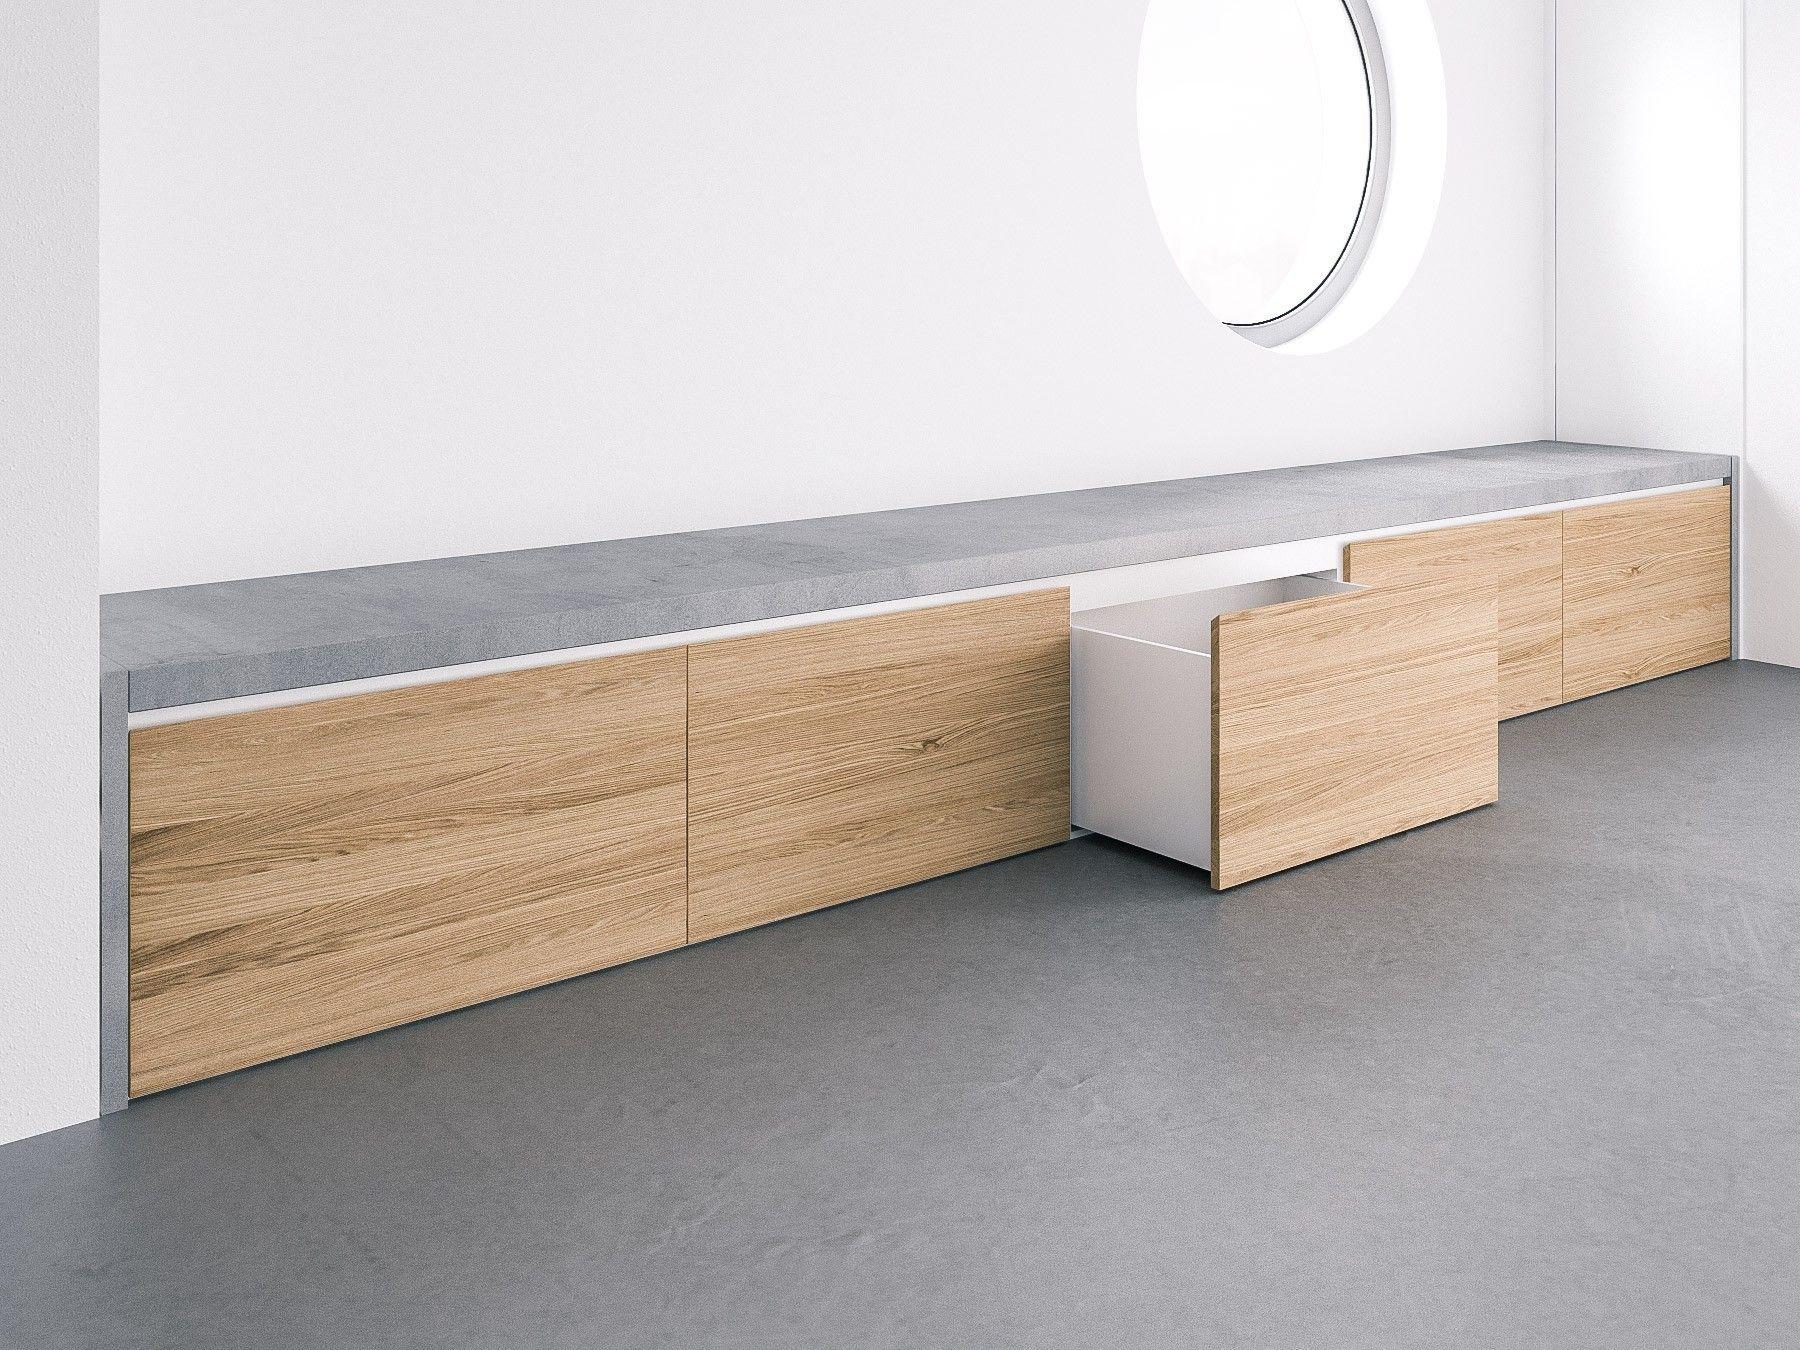 Innenarchitektur für schlafzimmer-tv-einheit pin von pablo uebele auf küche bartresen  pinterest  möbel haus